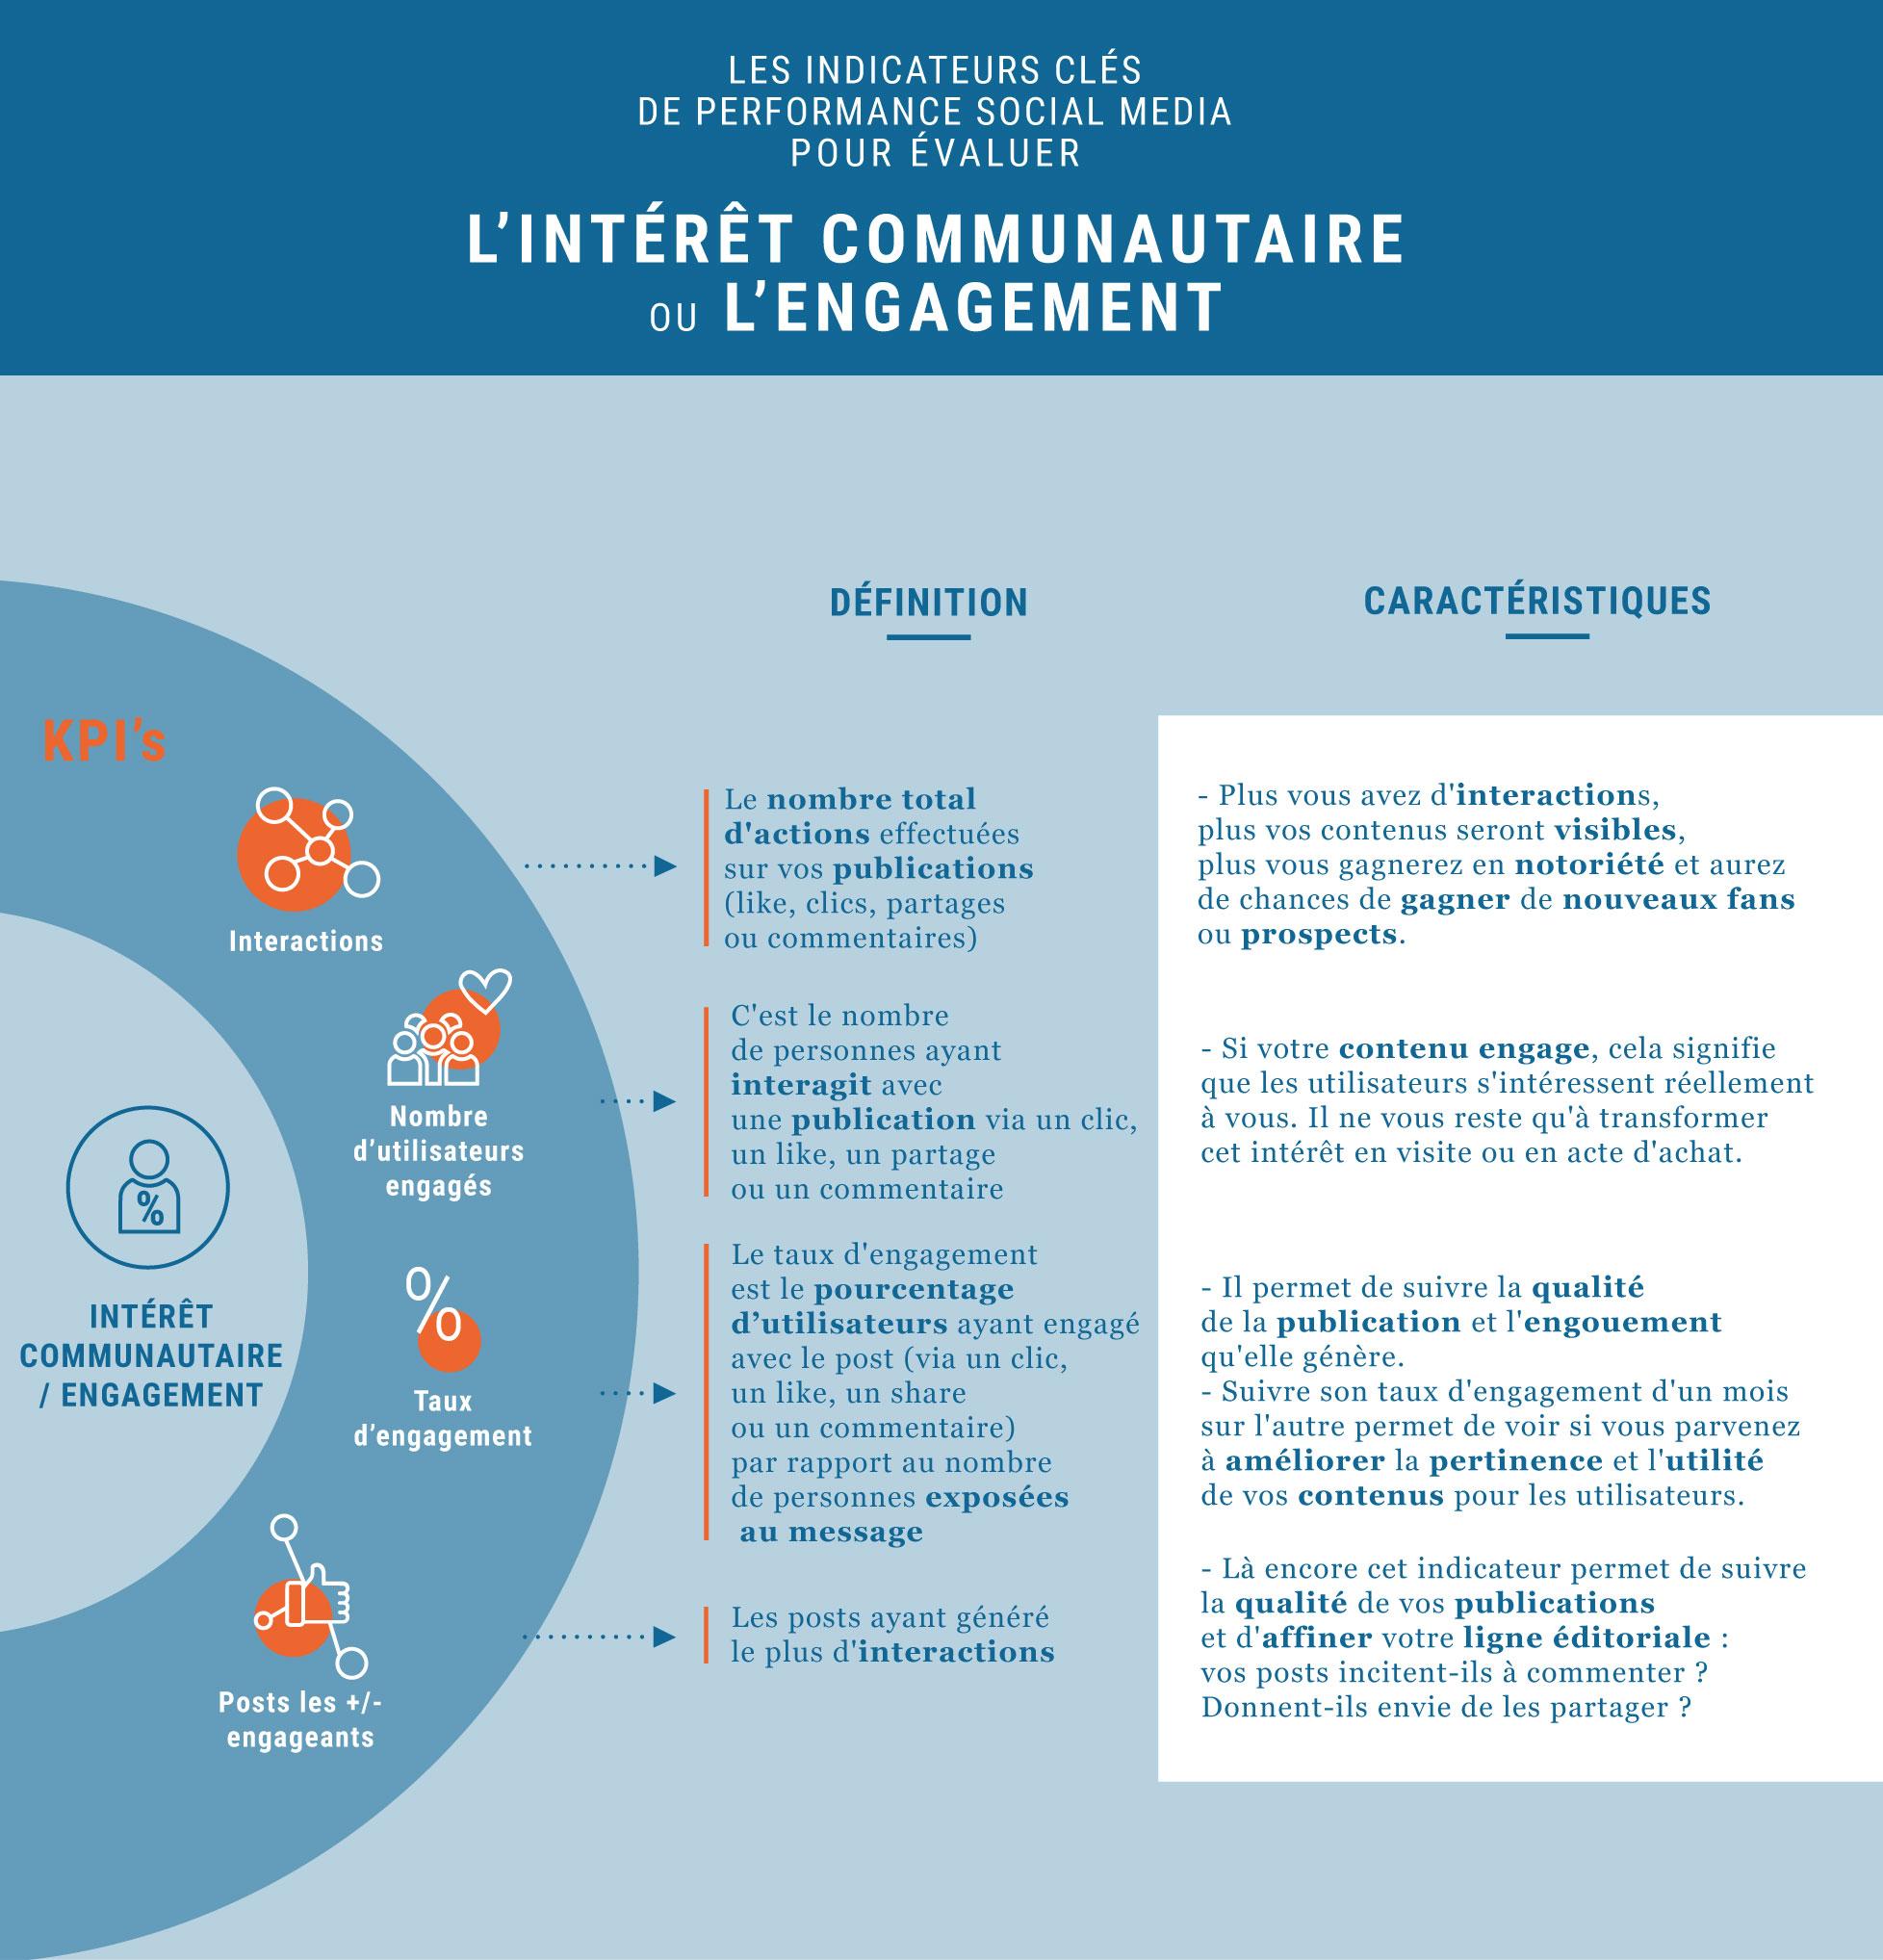 Infographie des KPIS pour évaluer l'engagement